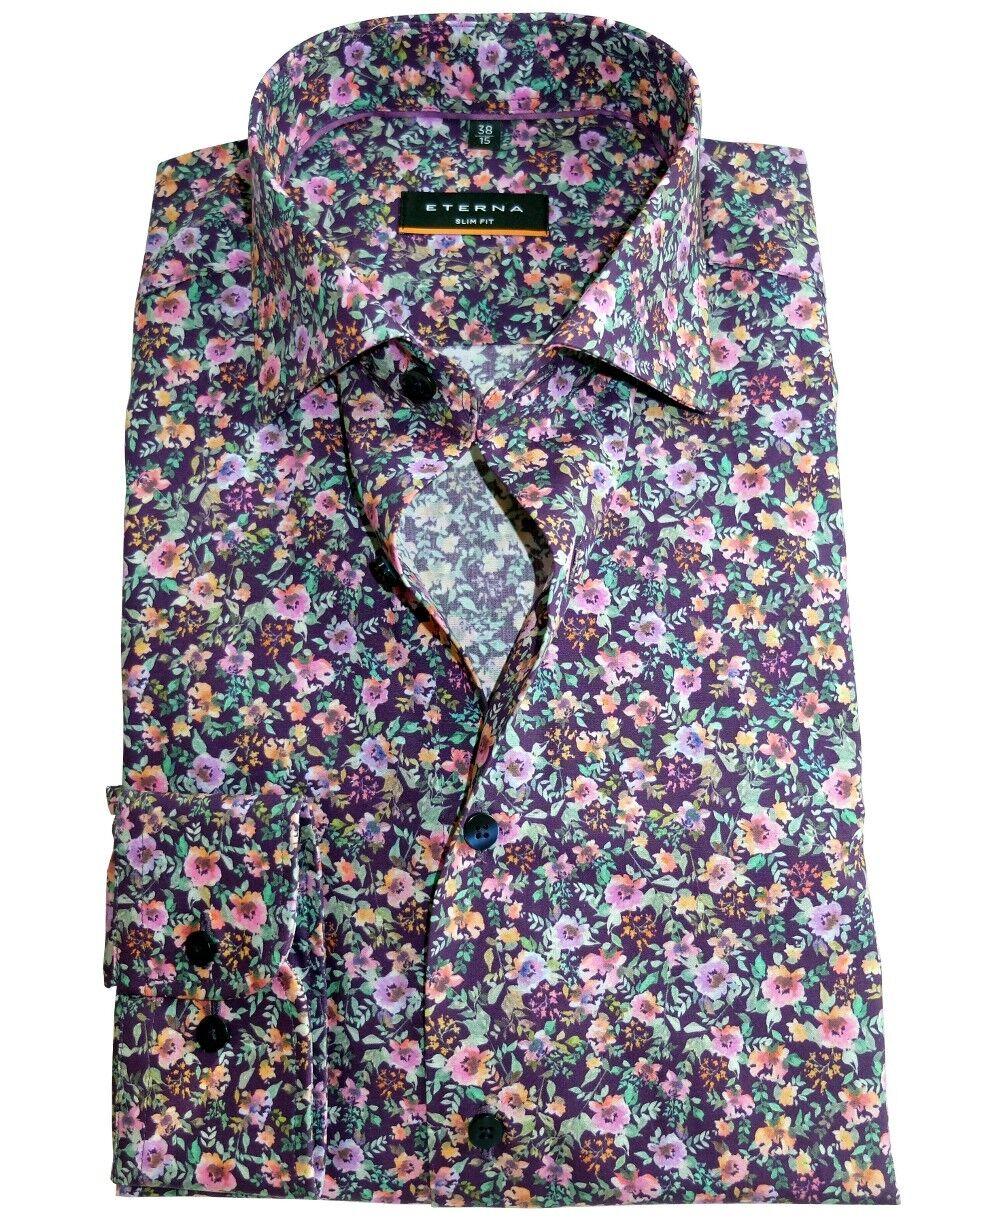 Eterna Slim Fit Langarmhemd Floraldessin in lila bunt Gr. 39 bis 44